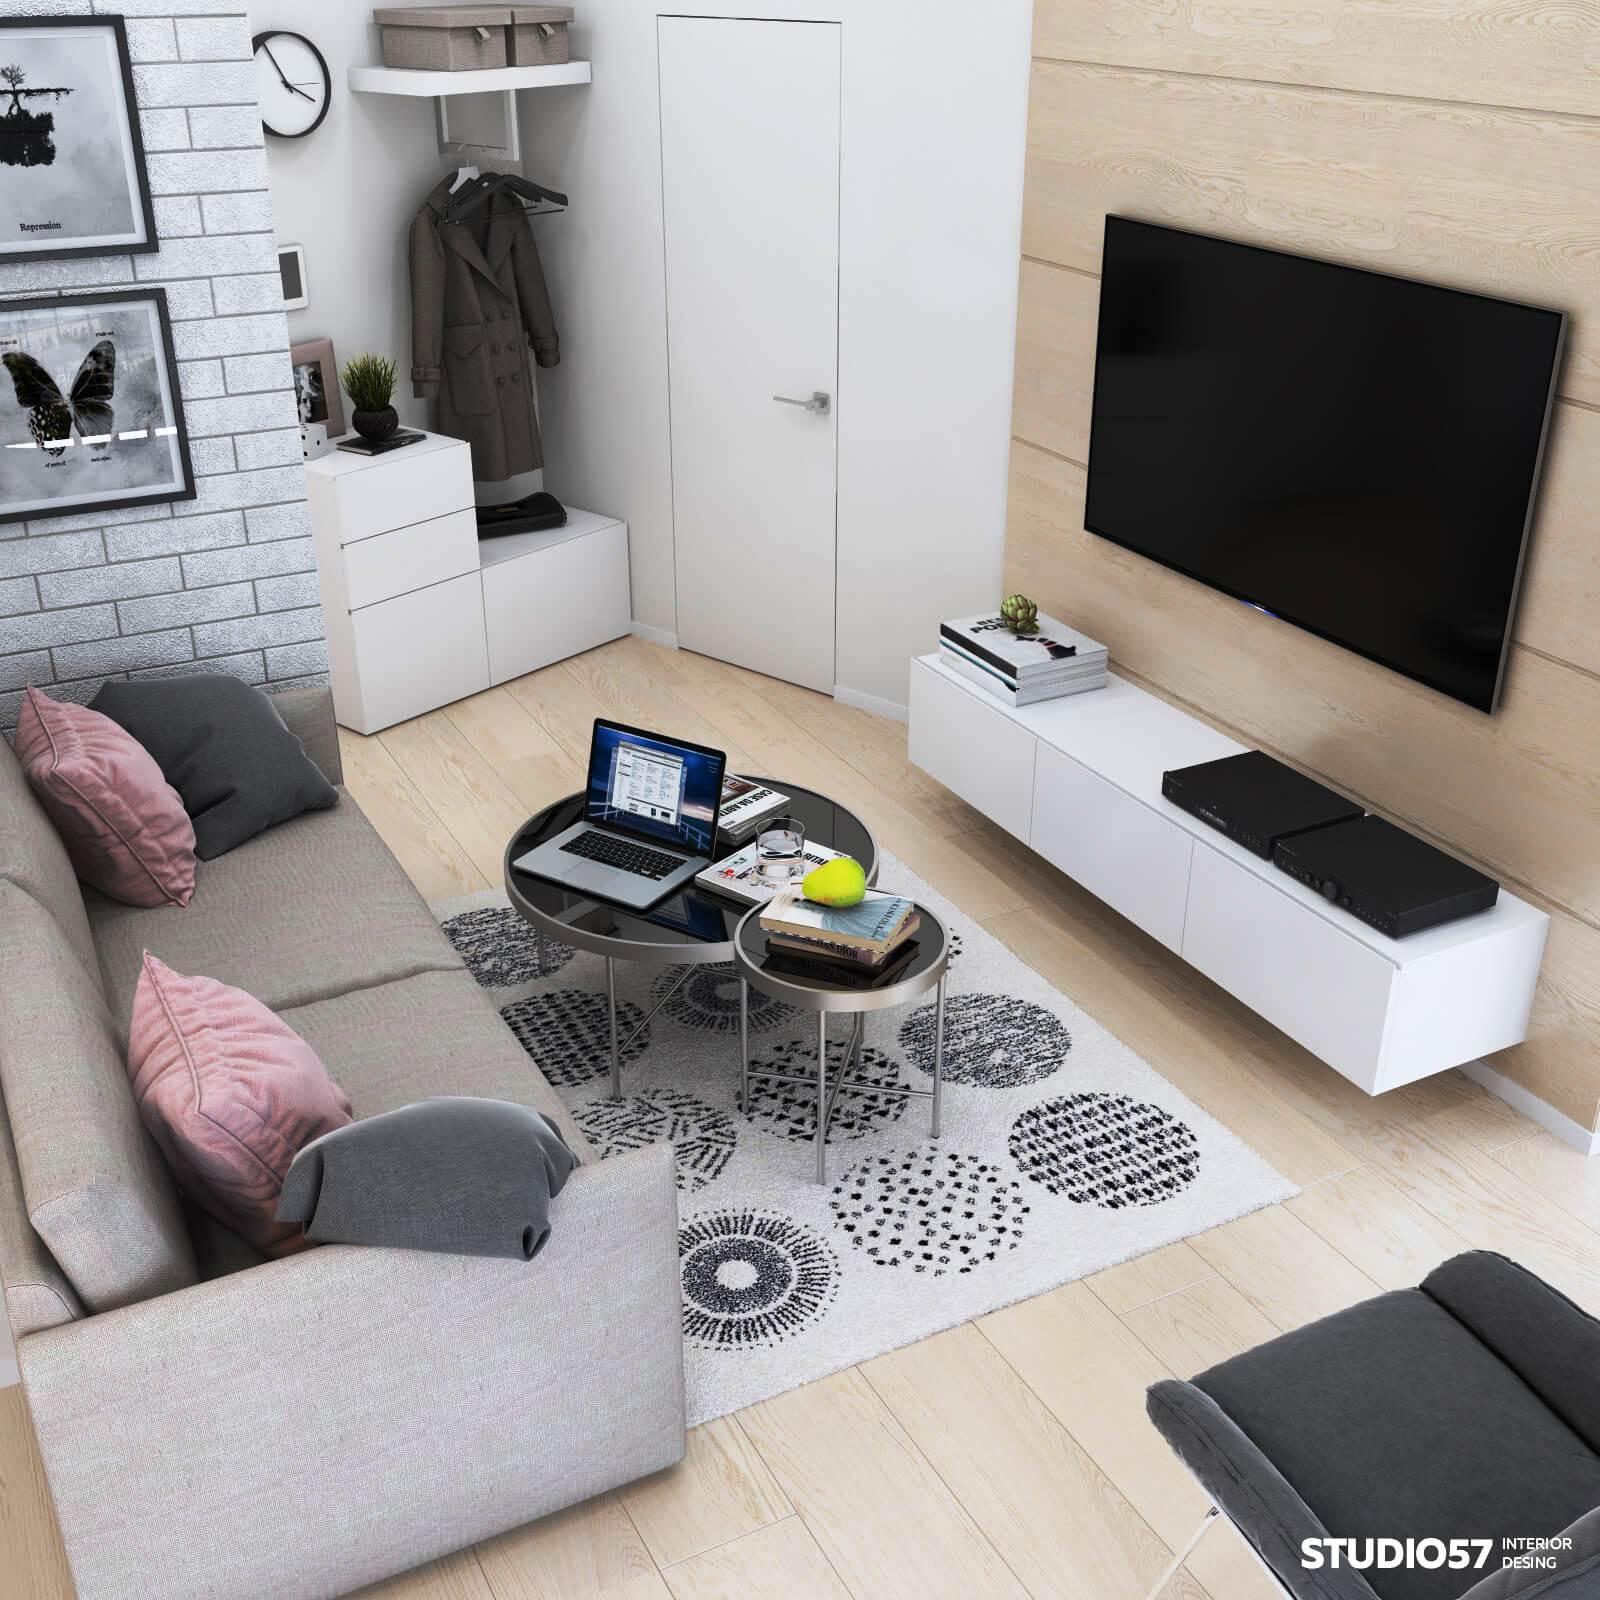 Дизайн однокомнатной квартиры - наша тема сегодня и продолжение наших материалов по тематике архитектуры, строительства и, собственно, дизайна